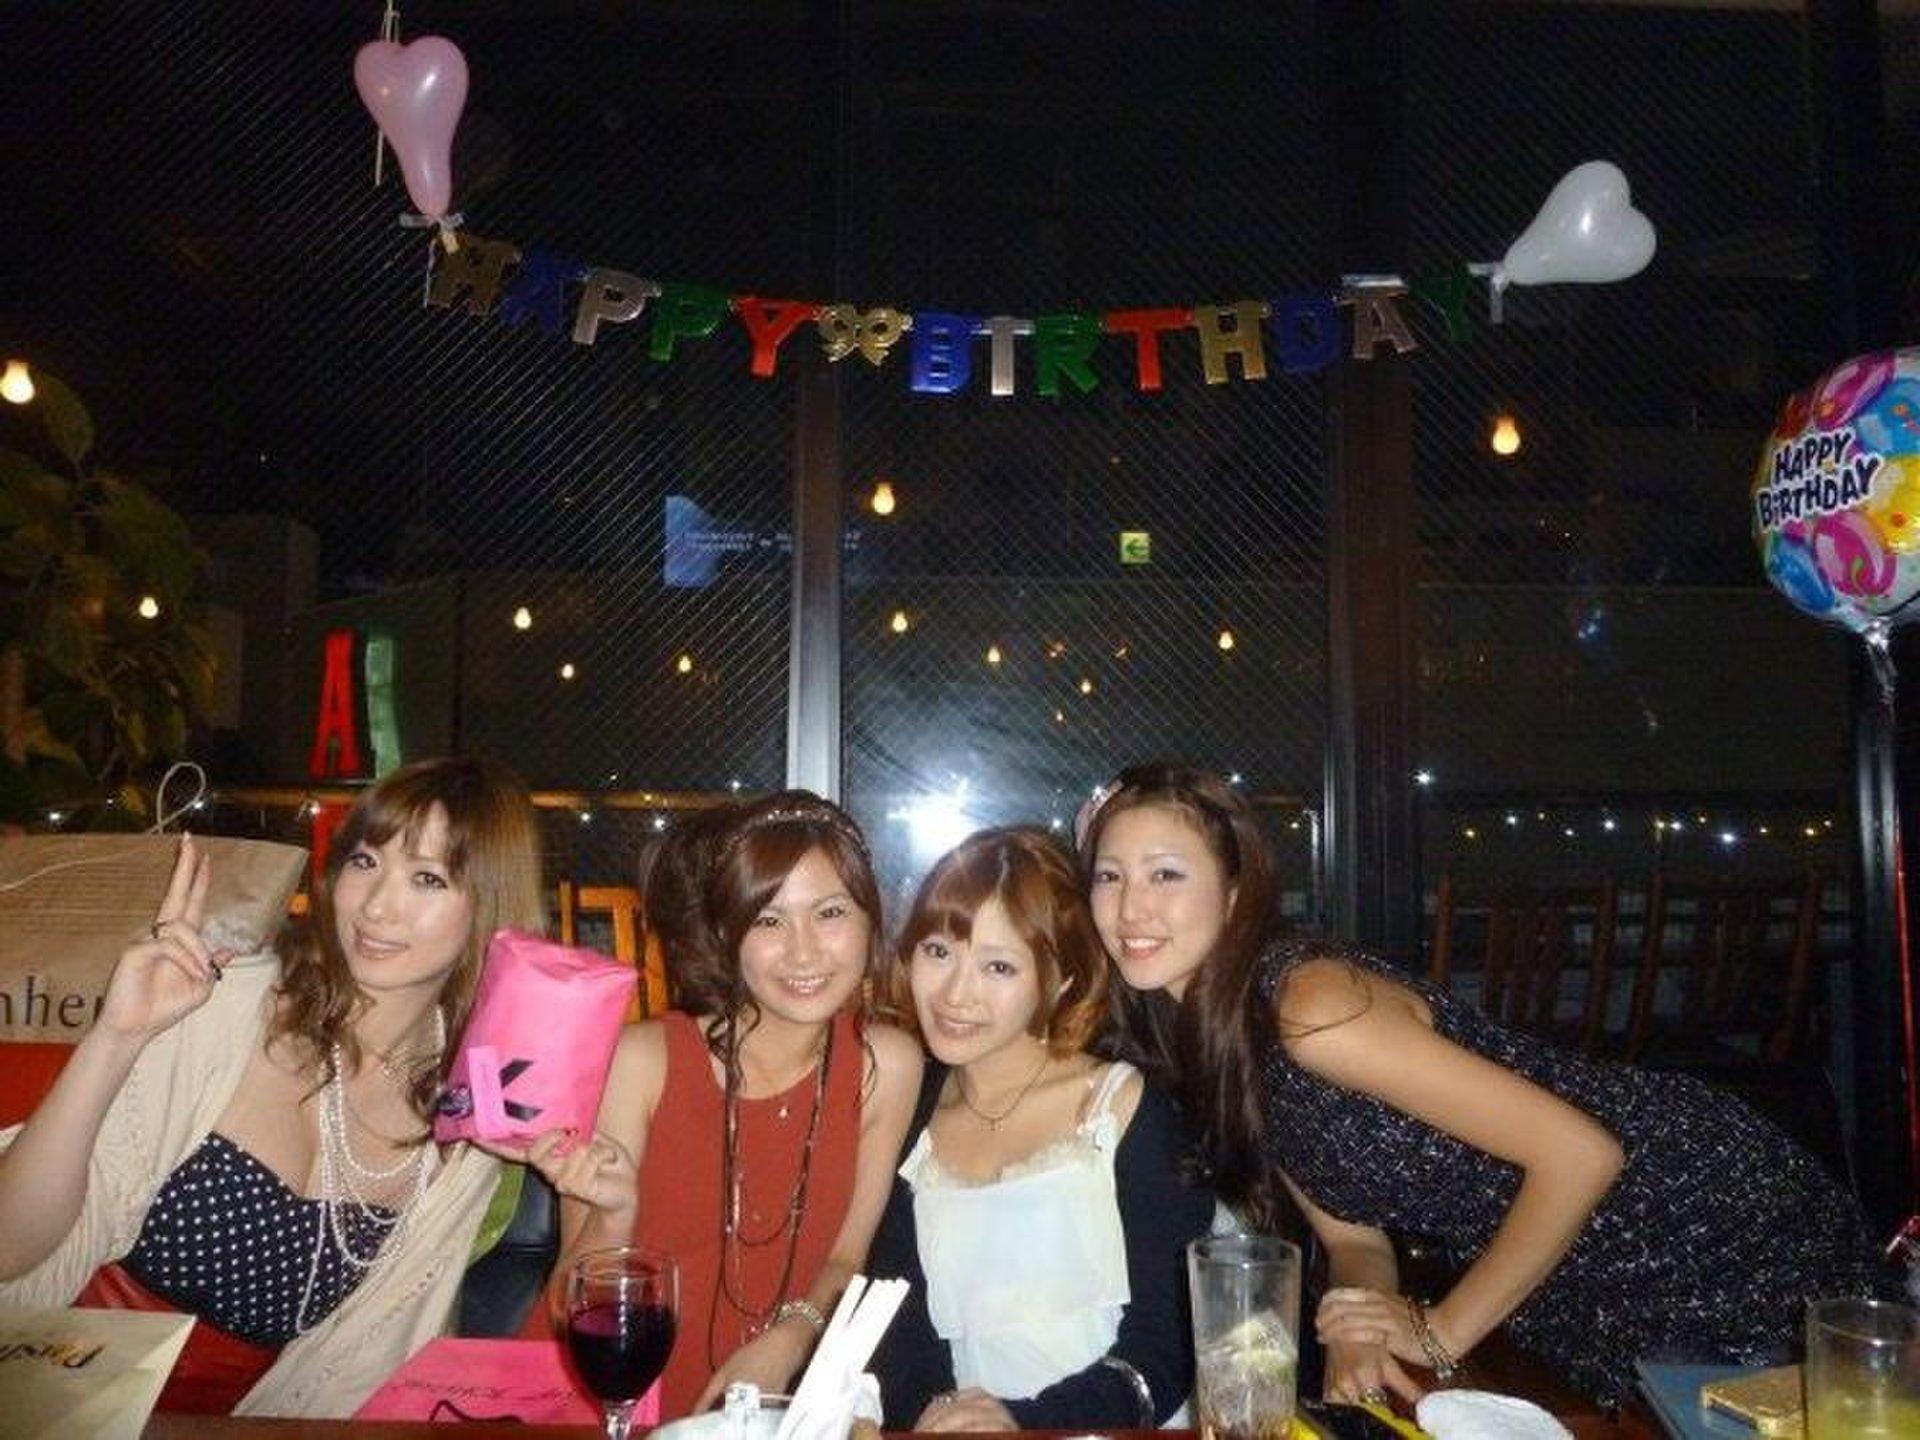 シチュエーション別♪女子会バースデーにオススメな渋谷周辺のお店3選&使えるサプライズアイテム6選♡